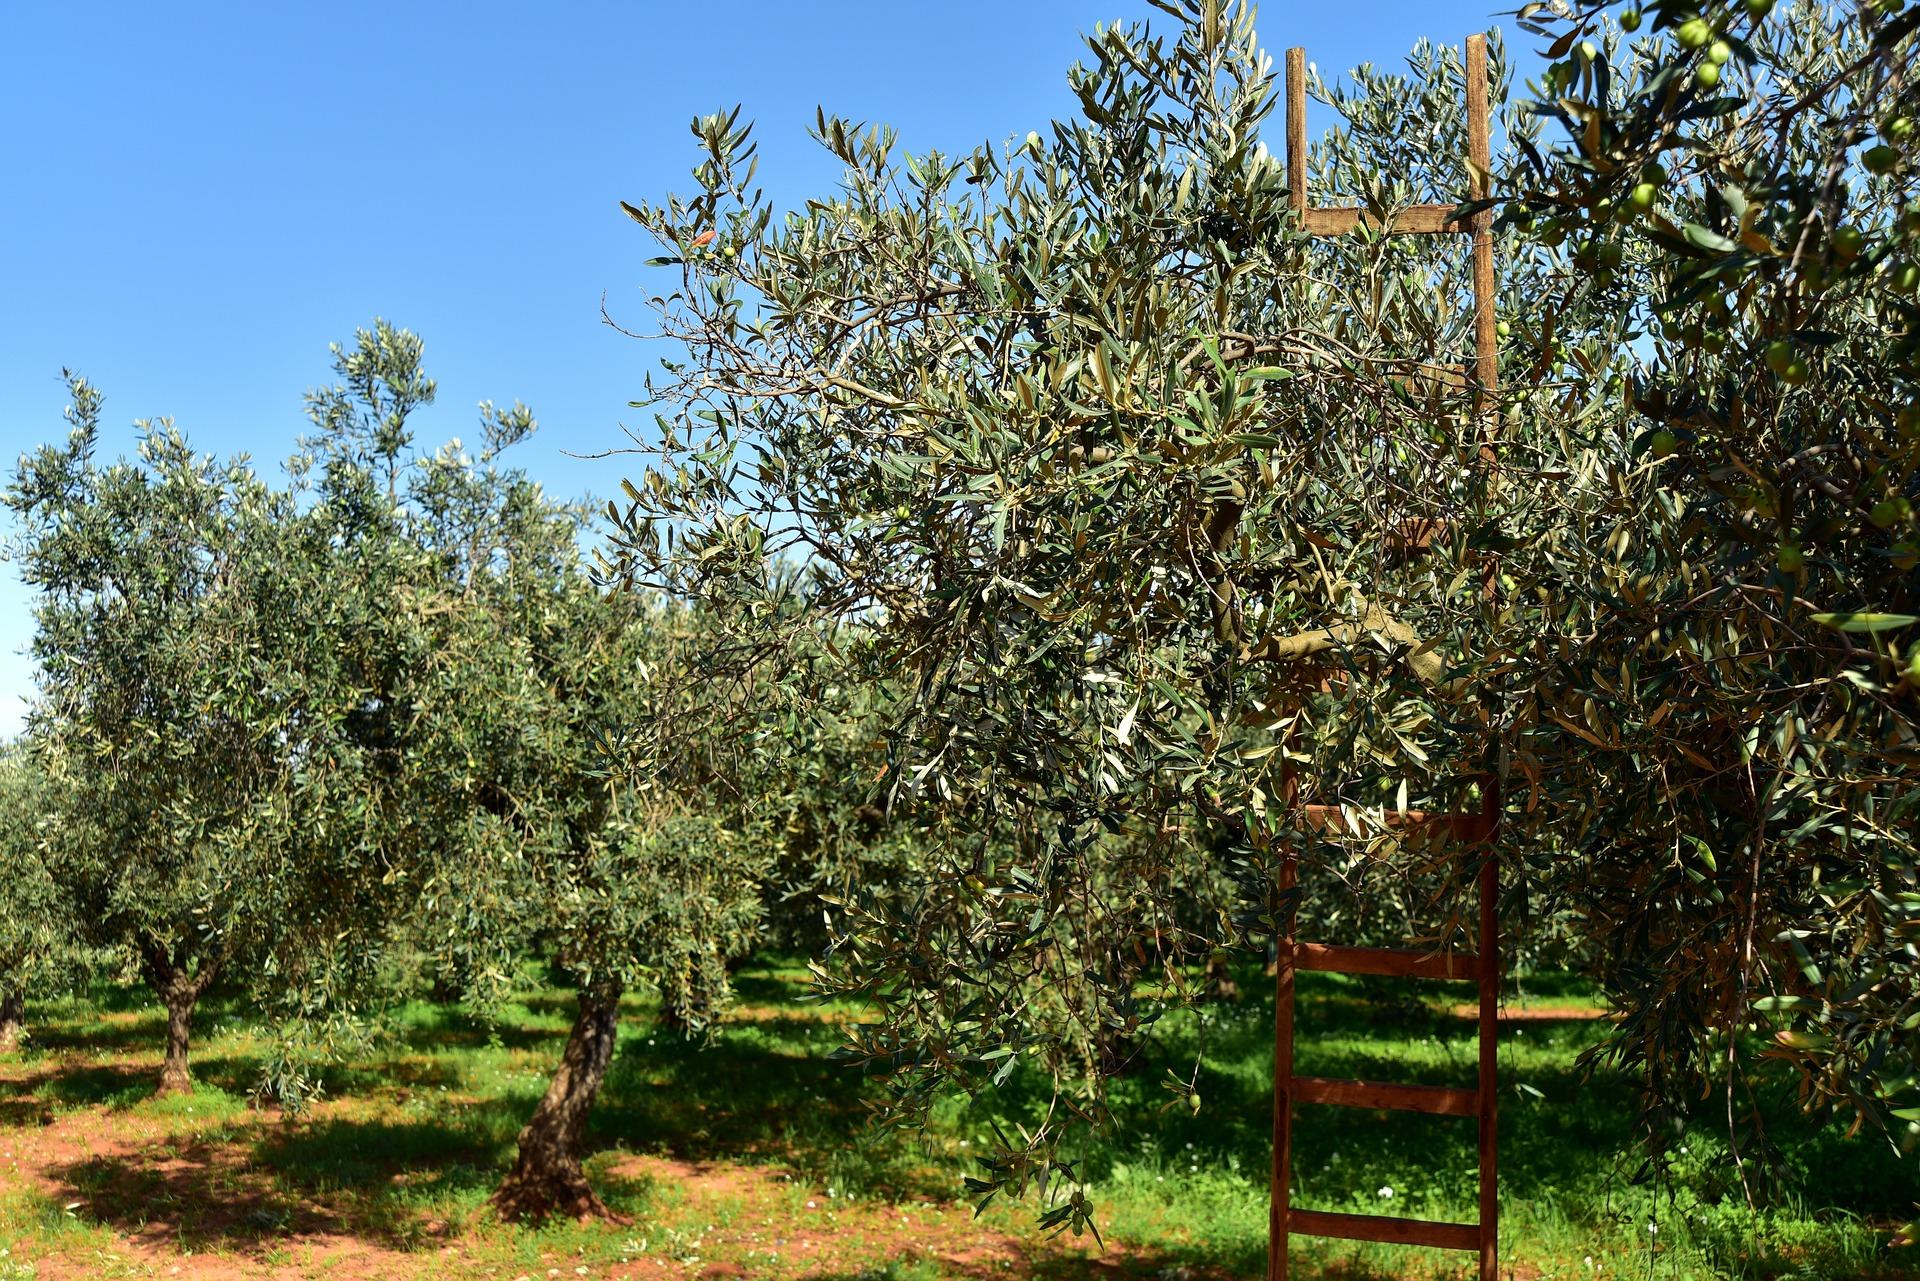 olive-trees-3803042_1920